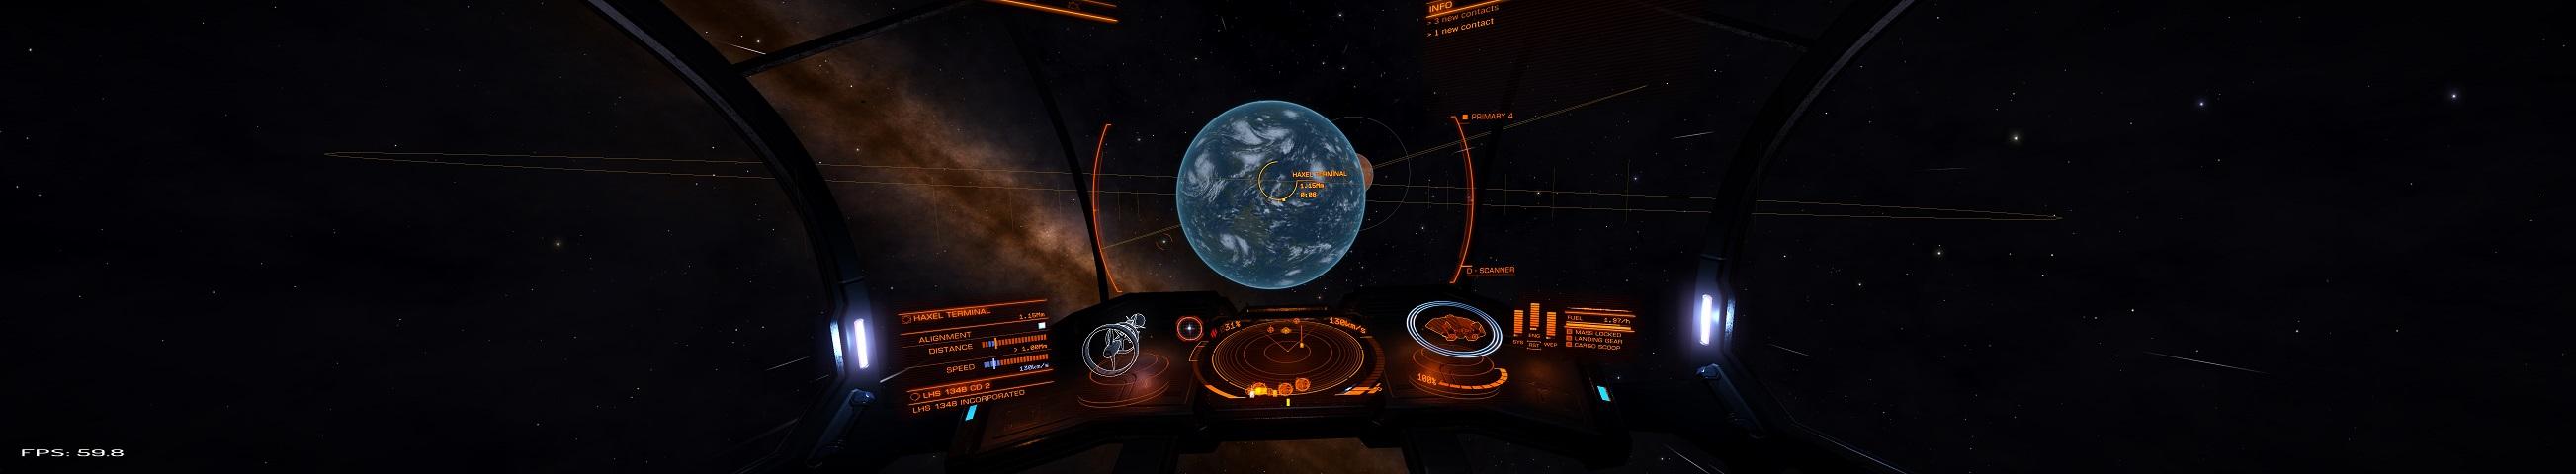 Ist das die Erde? Nein, erdähnlicher Planet im System LHS 1348 in der Nähe der Haxel Station.